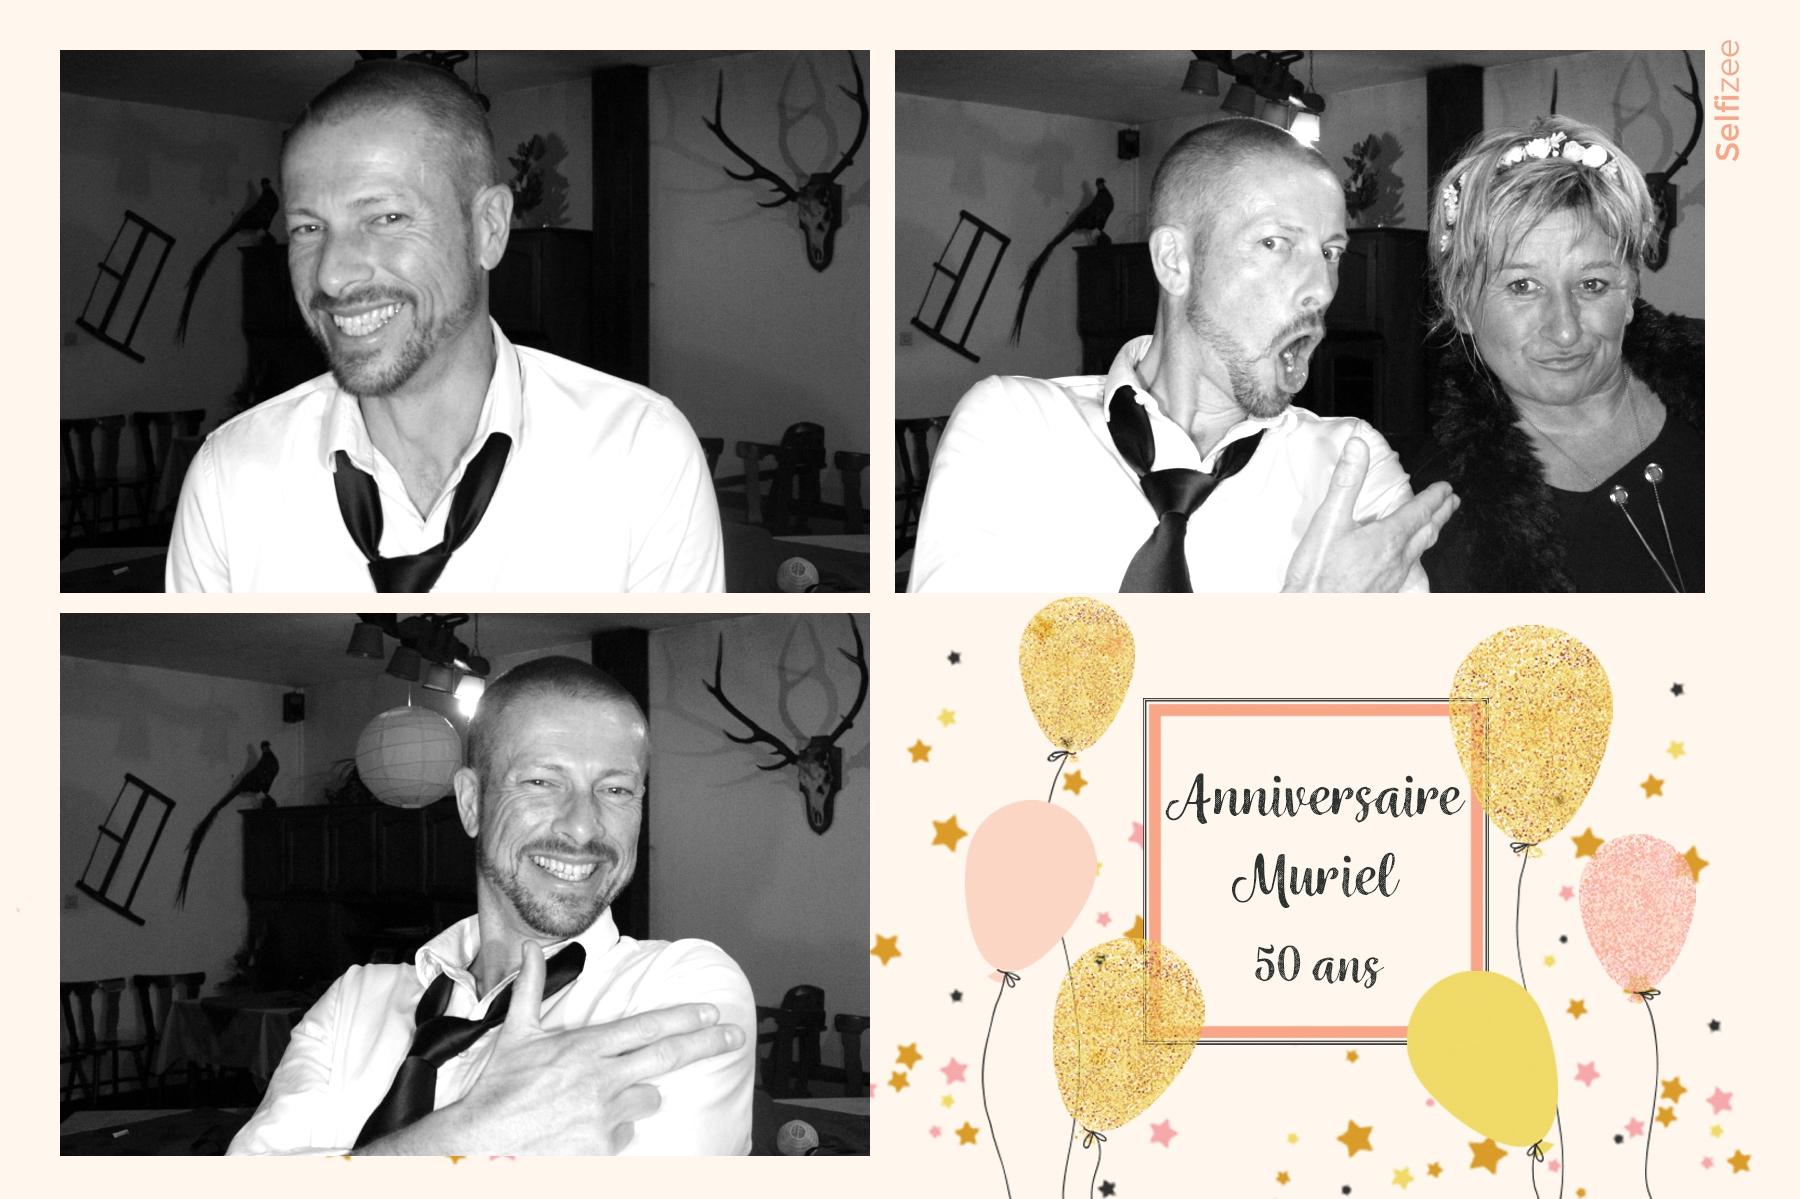 Animation photobooth anniversaire Mulhouse avec selfies personnalisés - borne photo à louer Mulhouse / Haut Rhin mariage, anniversaire, baptême, soirée, fête avec impressions photos